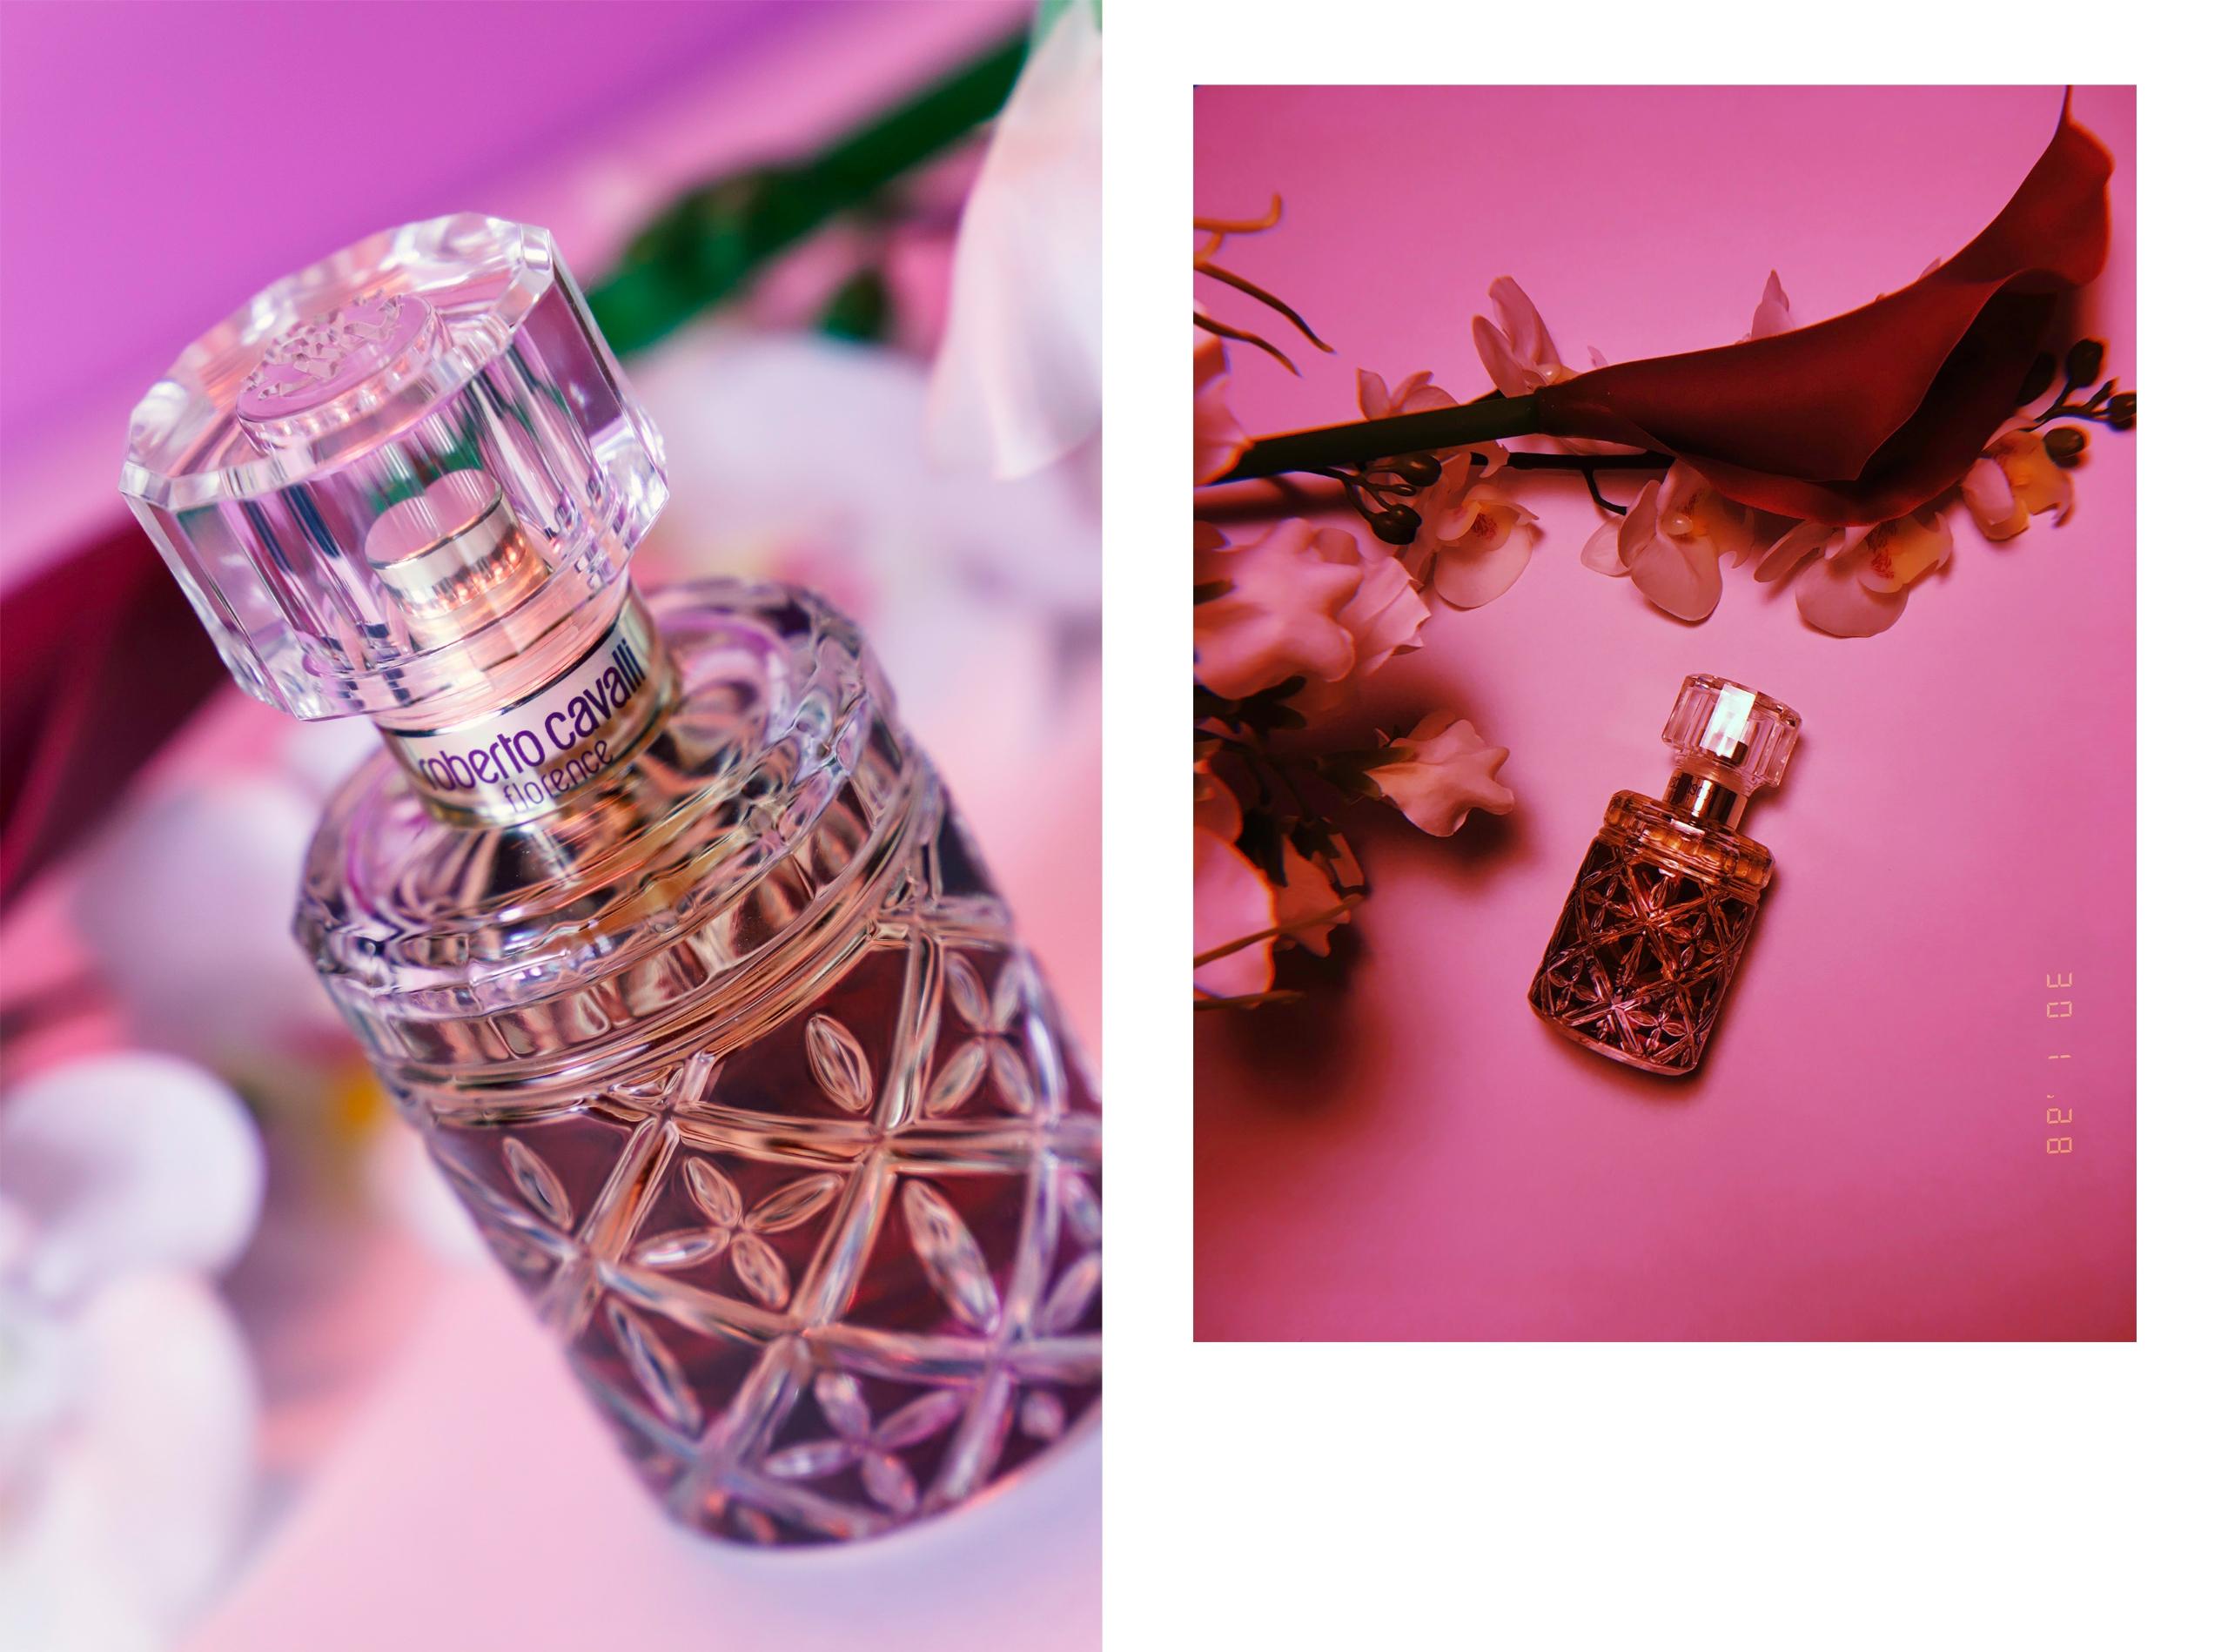 Obraz przedstawia dwa zdjęcia perfum w fioletowym otoczeniu.